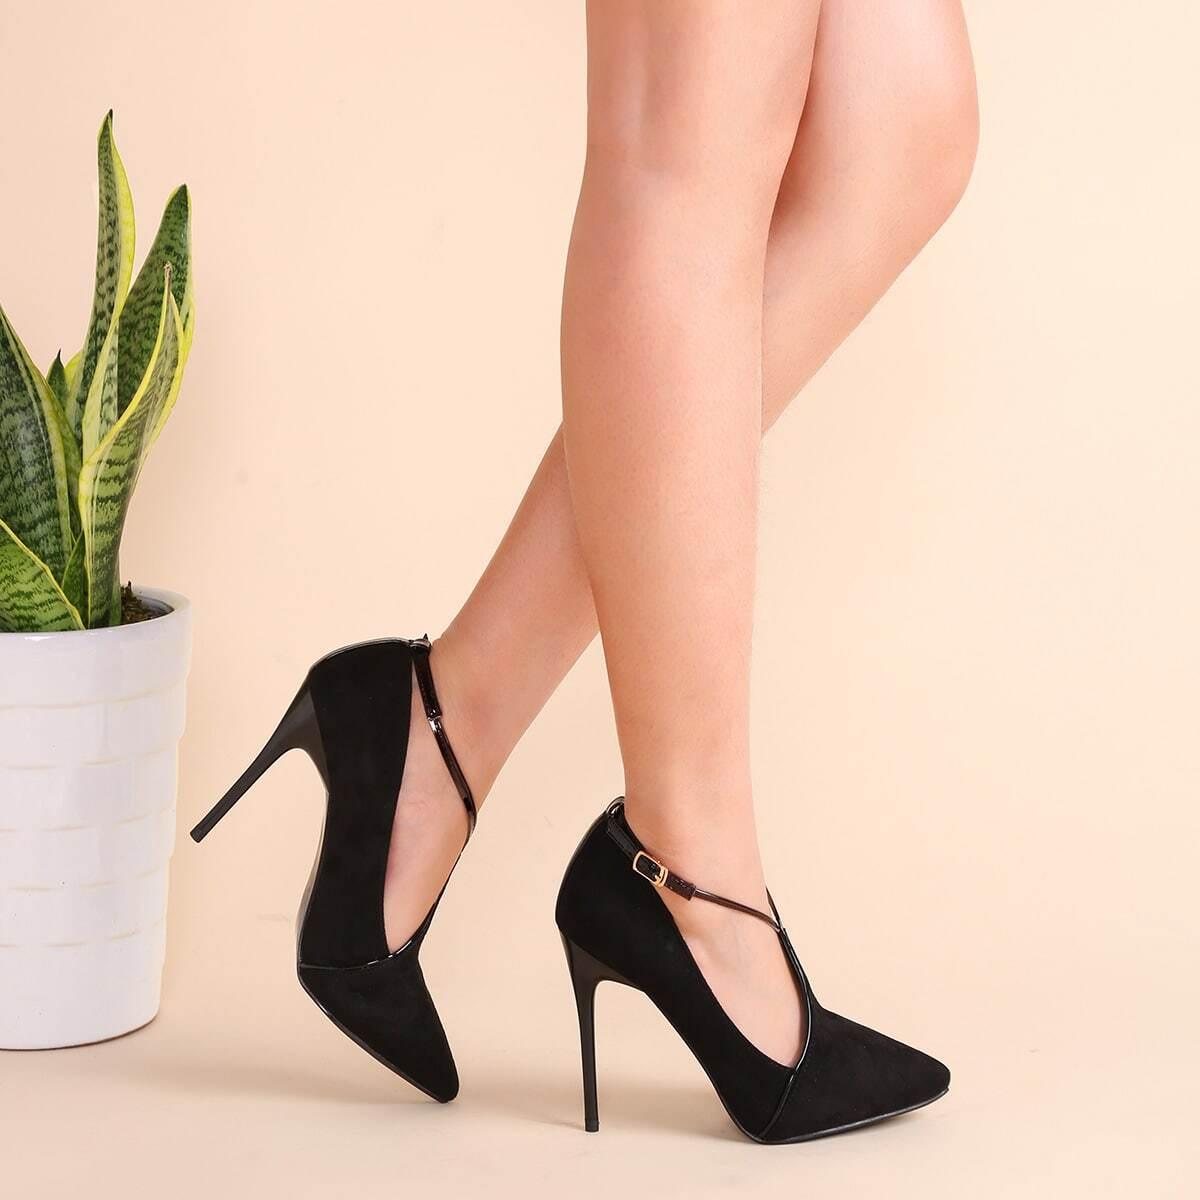 Чёрные замшевые остроносые туфли на шпильках